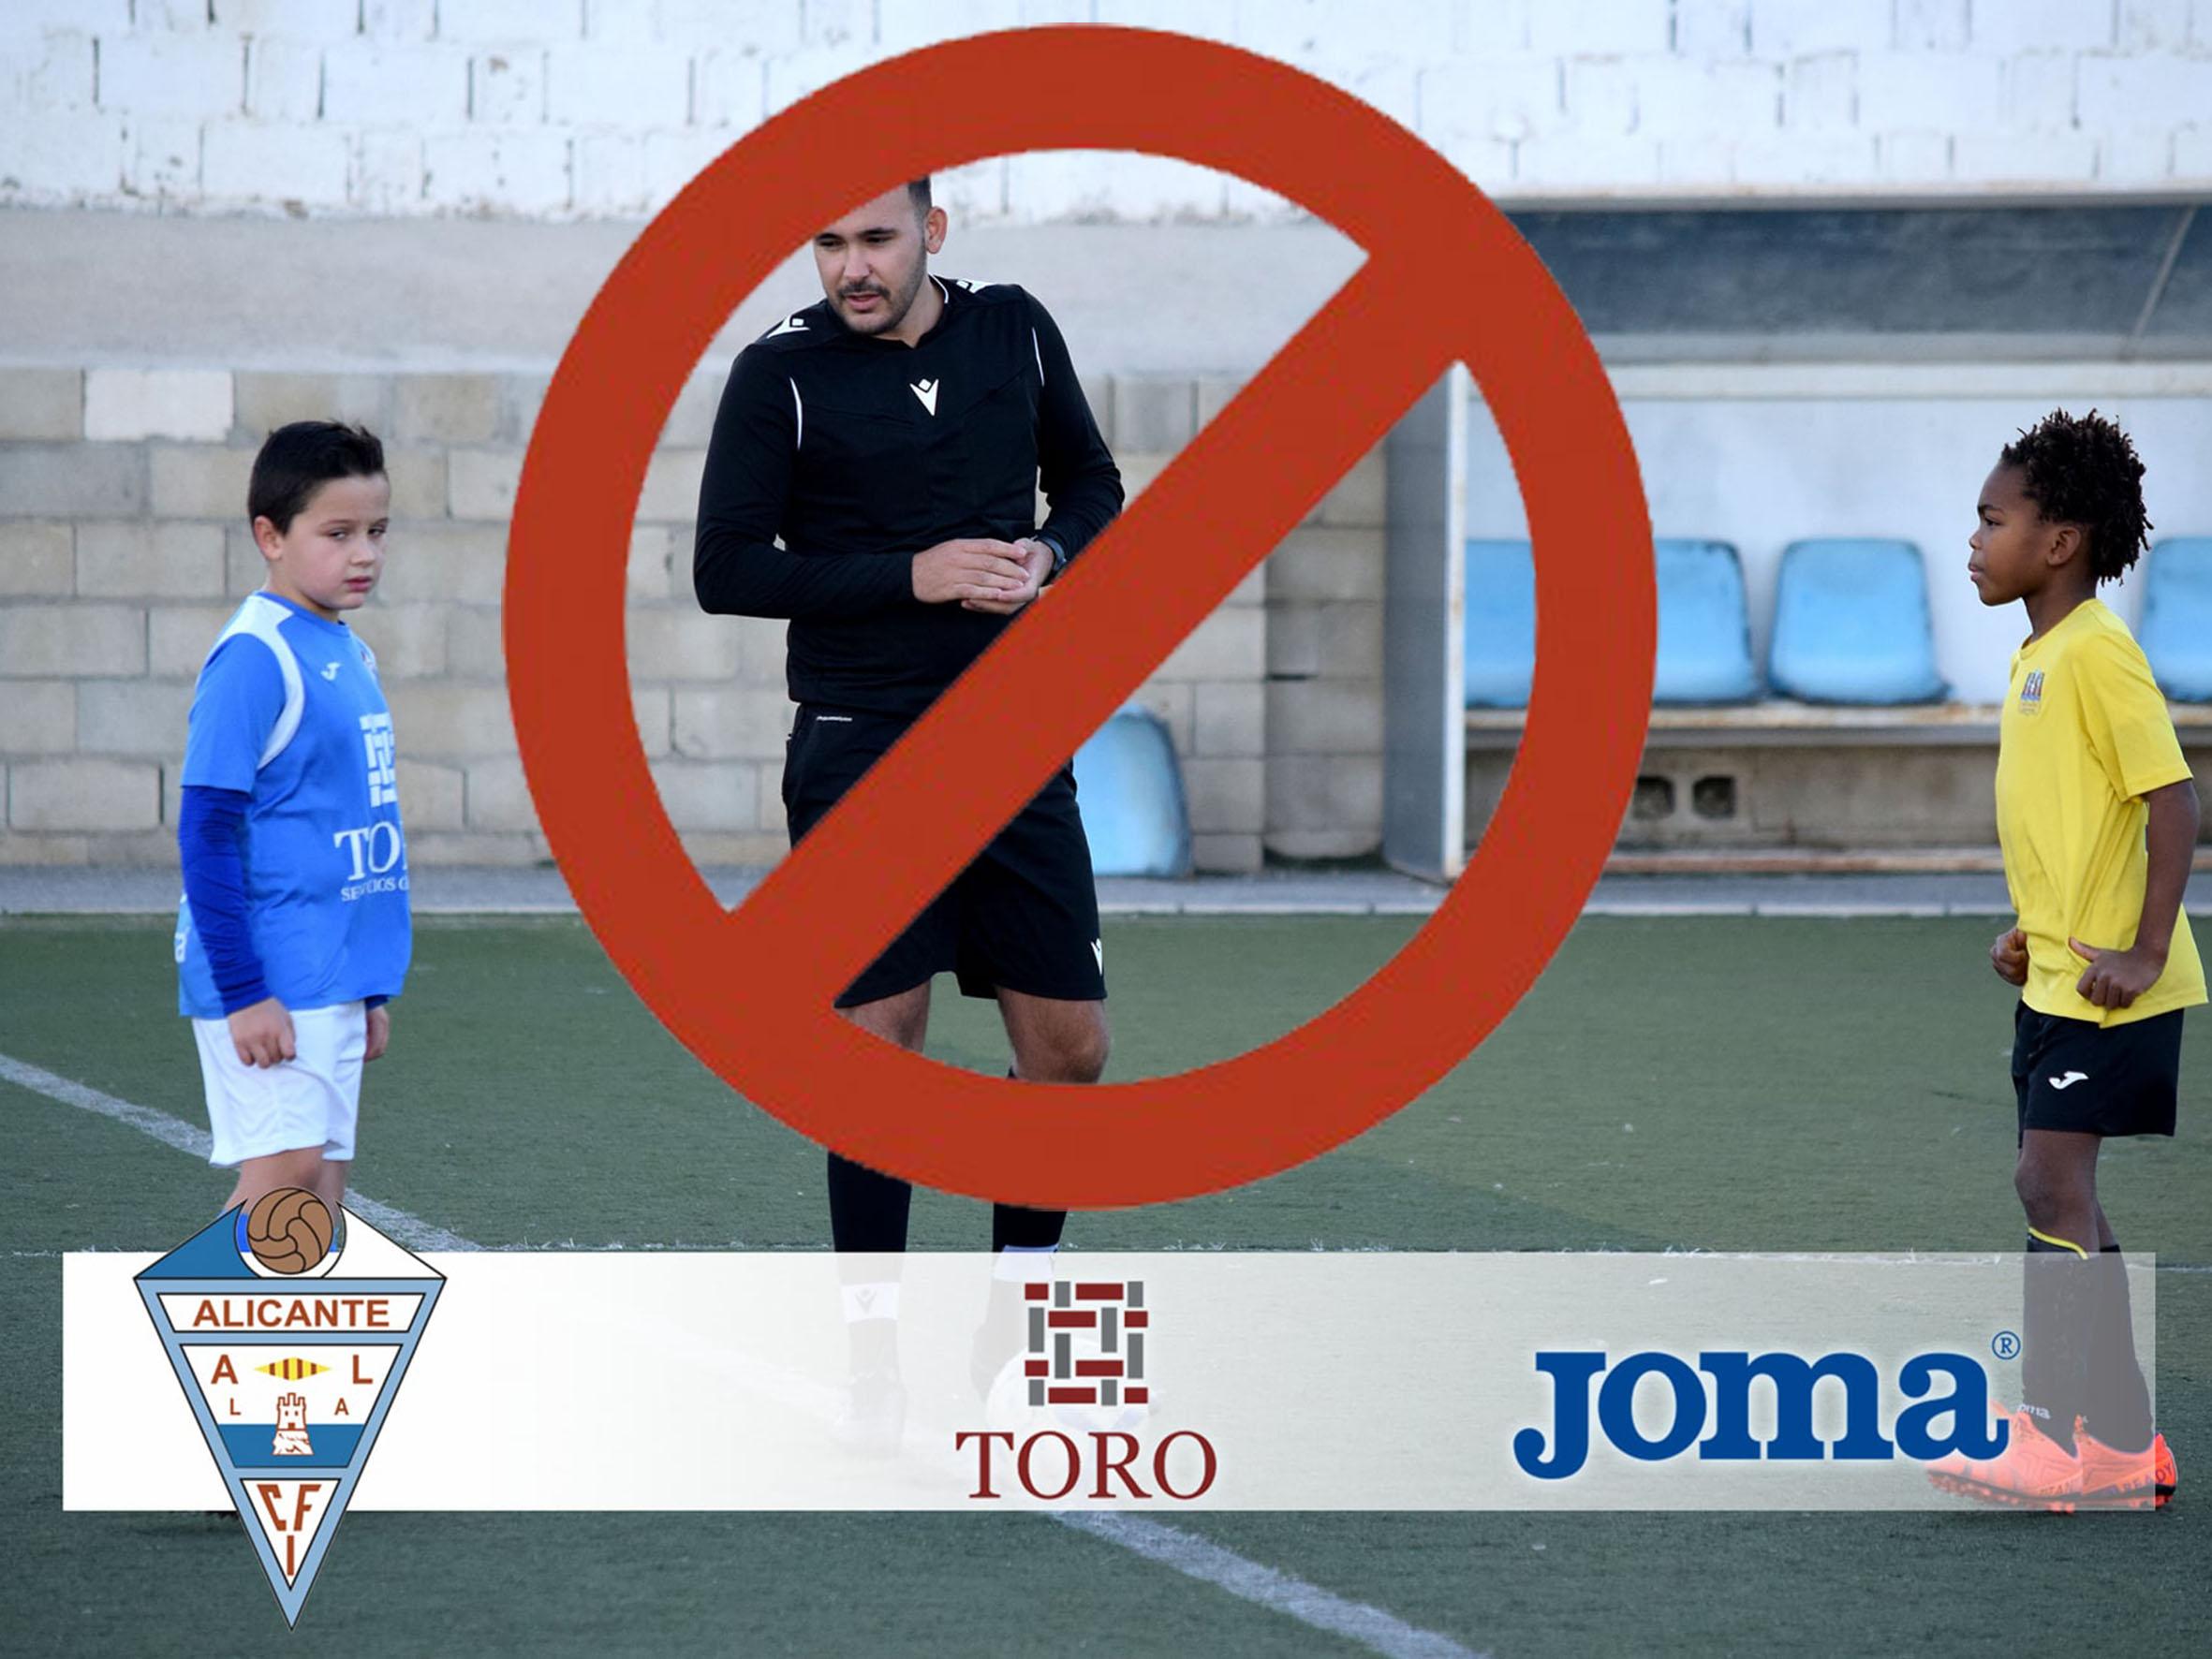 Suspendida la competición de fútbol 8 hasta el 31 de enero